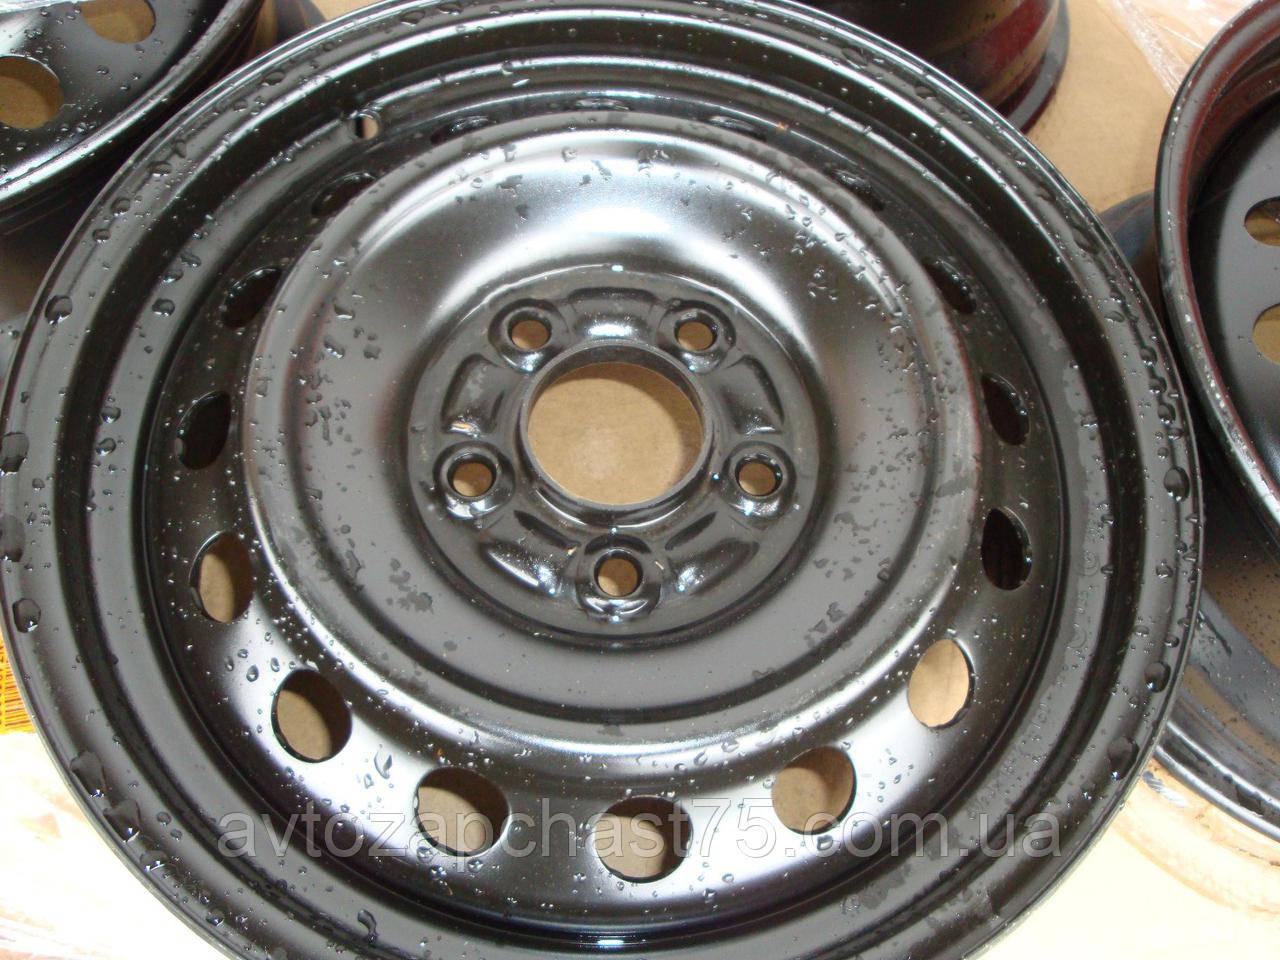 Диск колёсный Mazda 3 R15x6,0 5x114,3 ET52,5 Dia 67 (производитель Кременчуг, Украина)